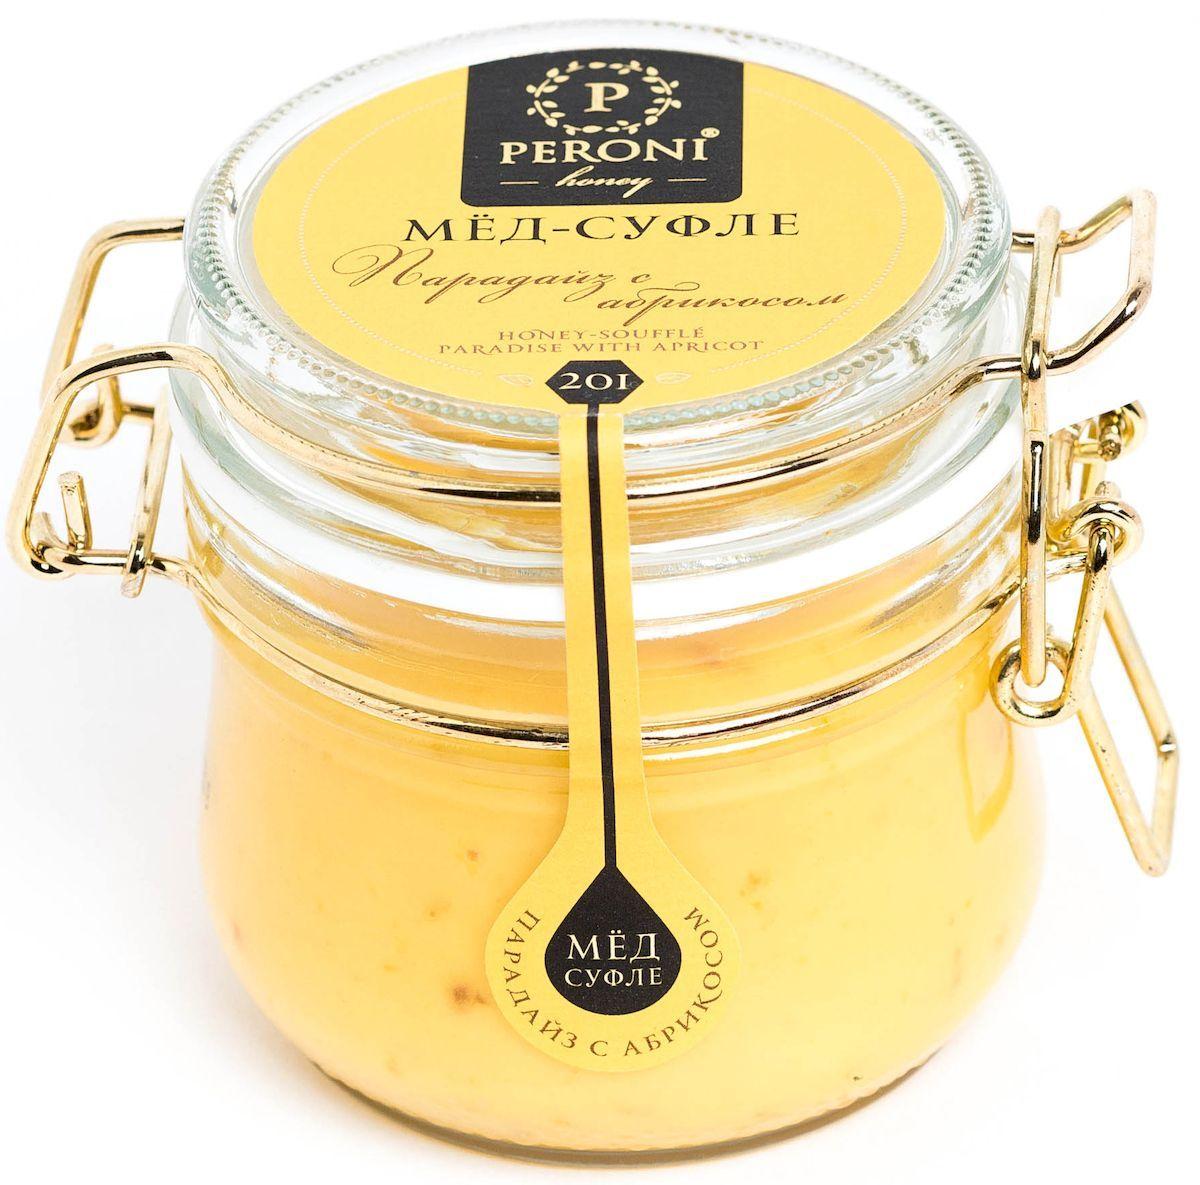 Peroni Парадайз с абрикосом мёд-суфле, 250 г201Мёд с сушеным абрикосом — не только вкуснейшая новинка в медовом мире, но и настоящий помощник здоровью и красоте.Мёд солнечного, молочно-абрикосового цвета. Аромат тонкий и выразительный, по характеру цветочно-сливочно-фруктовый. Основная нота принадлежит свежему абрикосу, фруктовому йогурту. В нежном медовом суфле встречаются маленькие кусочки кураги, которые создают абрикосовые акценты.Вкусовые характеристики мёда и абрикоса проявляются комплексно, они близки и идеально дополняют друг друга, создавая гармонию. Вкус мёда чрезвычайно динамичен: сливочная атака сменяется интенсивной цветочно-фруктовой волной, оставляя в завершение пряно-абрикосовый акцент. В целом вкус мёда-суфле освежающий и бодрящий. Обволакивающая сладость мёда уравновешивается бодрящей фруктовой свежестью. Создается ощущение легкости и прохлады.Для получения мёда-суфле используются специальные технологии. Мёд долго вымешивается при определенной скорости, после чего его выдерживают при температуре 12-14°С, тем самым закрепляя его нужную консистенцию. Все полезные свойства мёда при этом сохраняются.Целебные сорта мёда. Статья OZON Гид